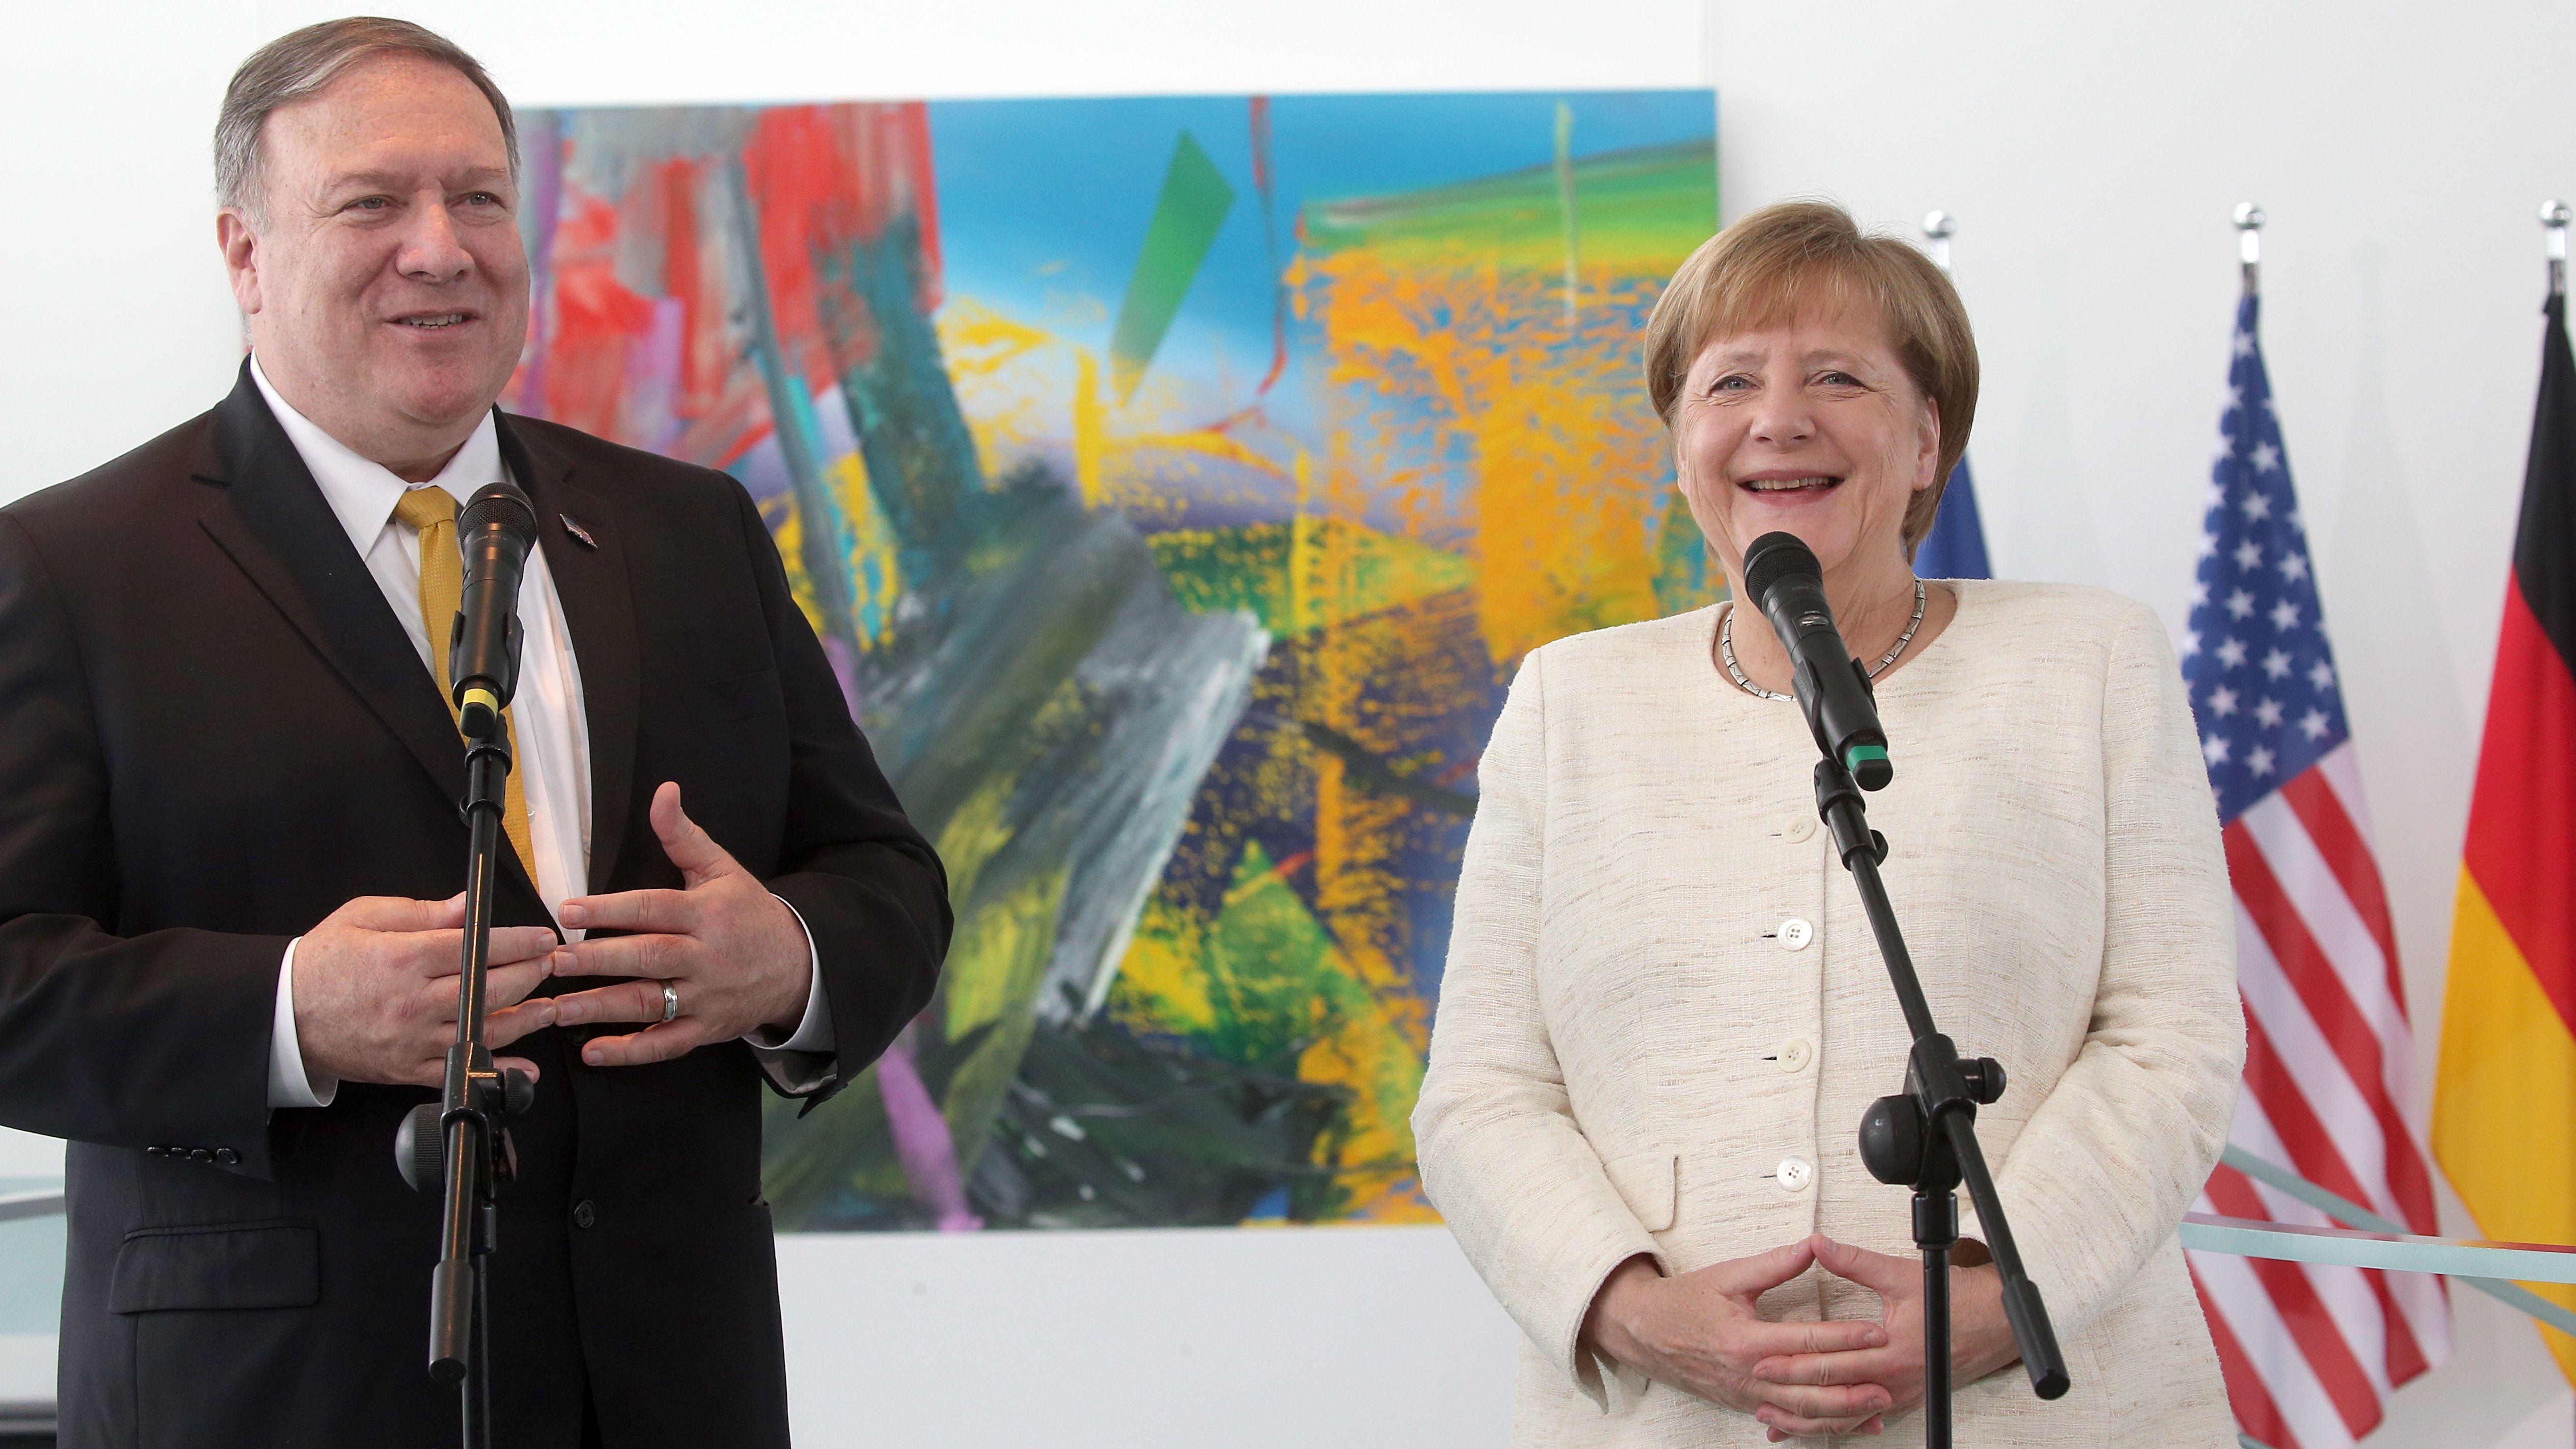 Bundeskanzlerin Angela Merkel bei einem Pressegespräch mit dem amerikanischen Außenminister Mike Pompeo.